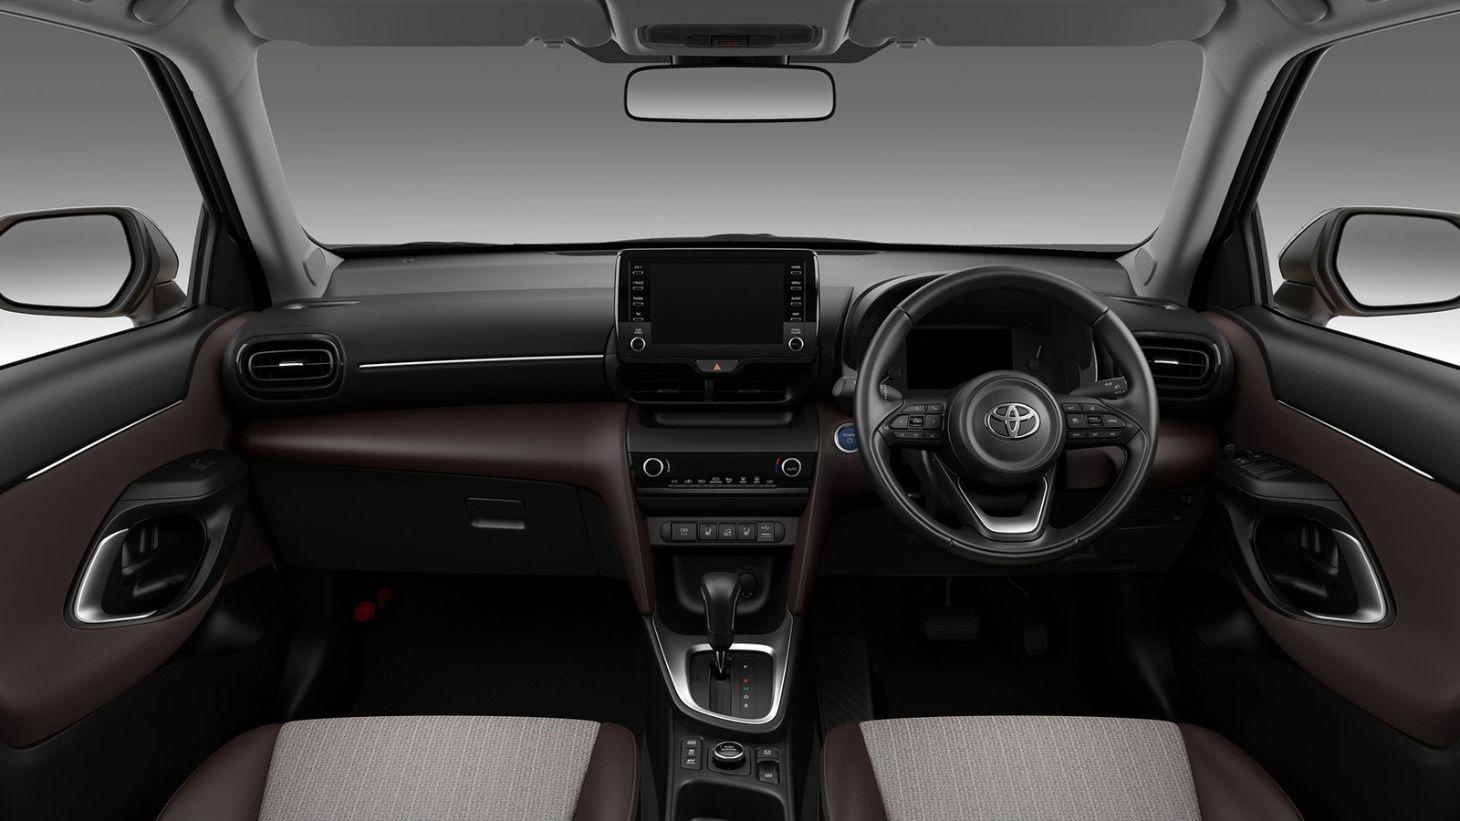 painel do novo toyota yaris cross hybrid com detalhes de volante e central multimidia